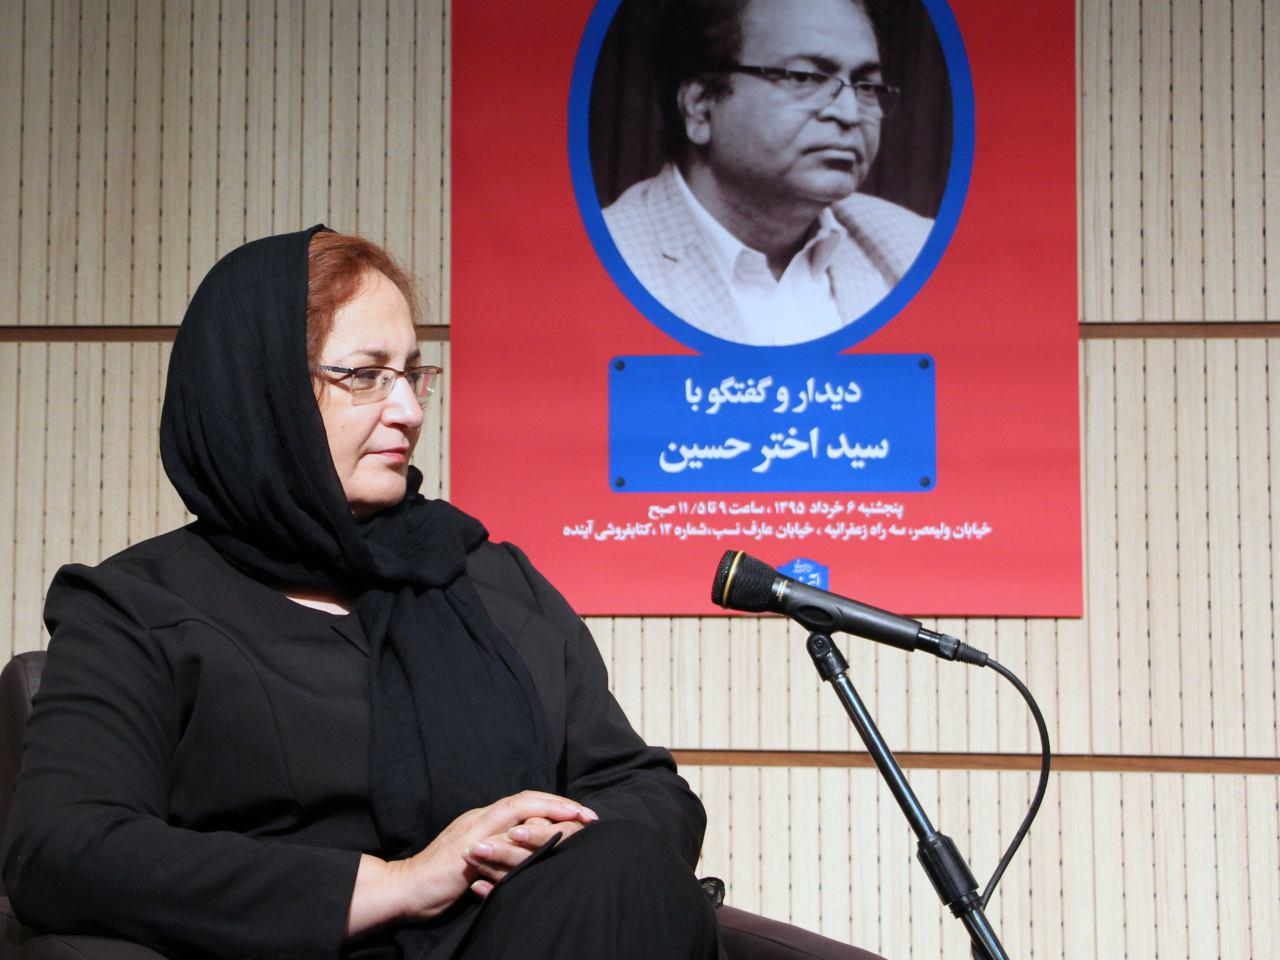 ناهید طباطبائی در گفتگو با دکتر سید اختر حسین